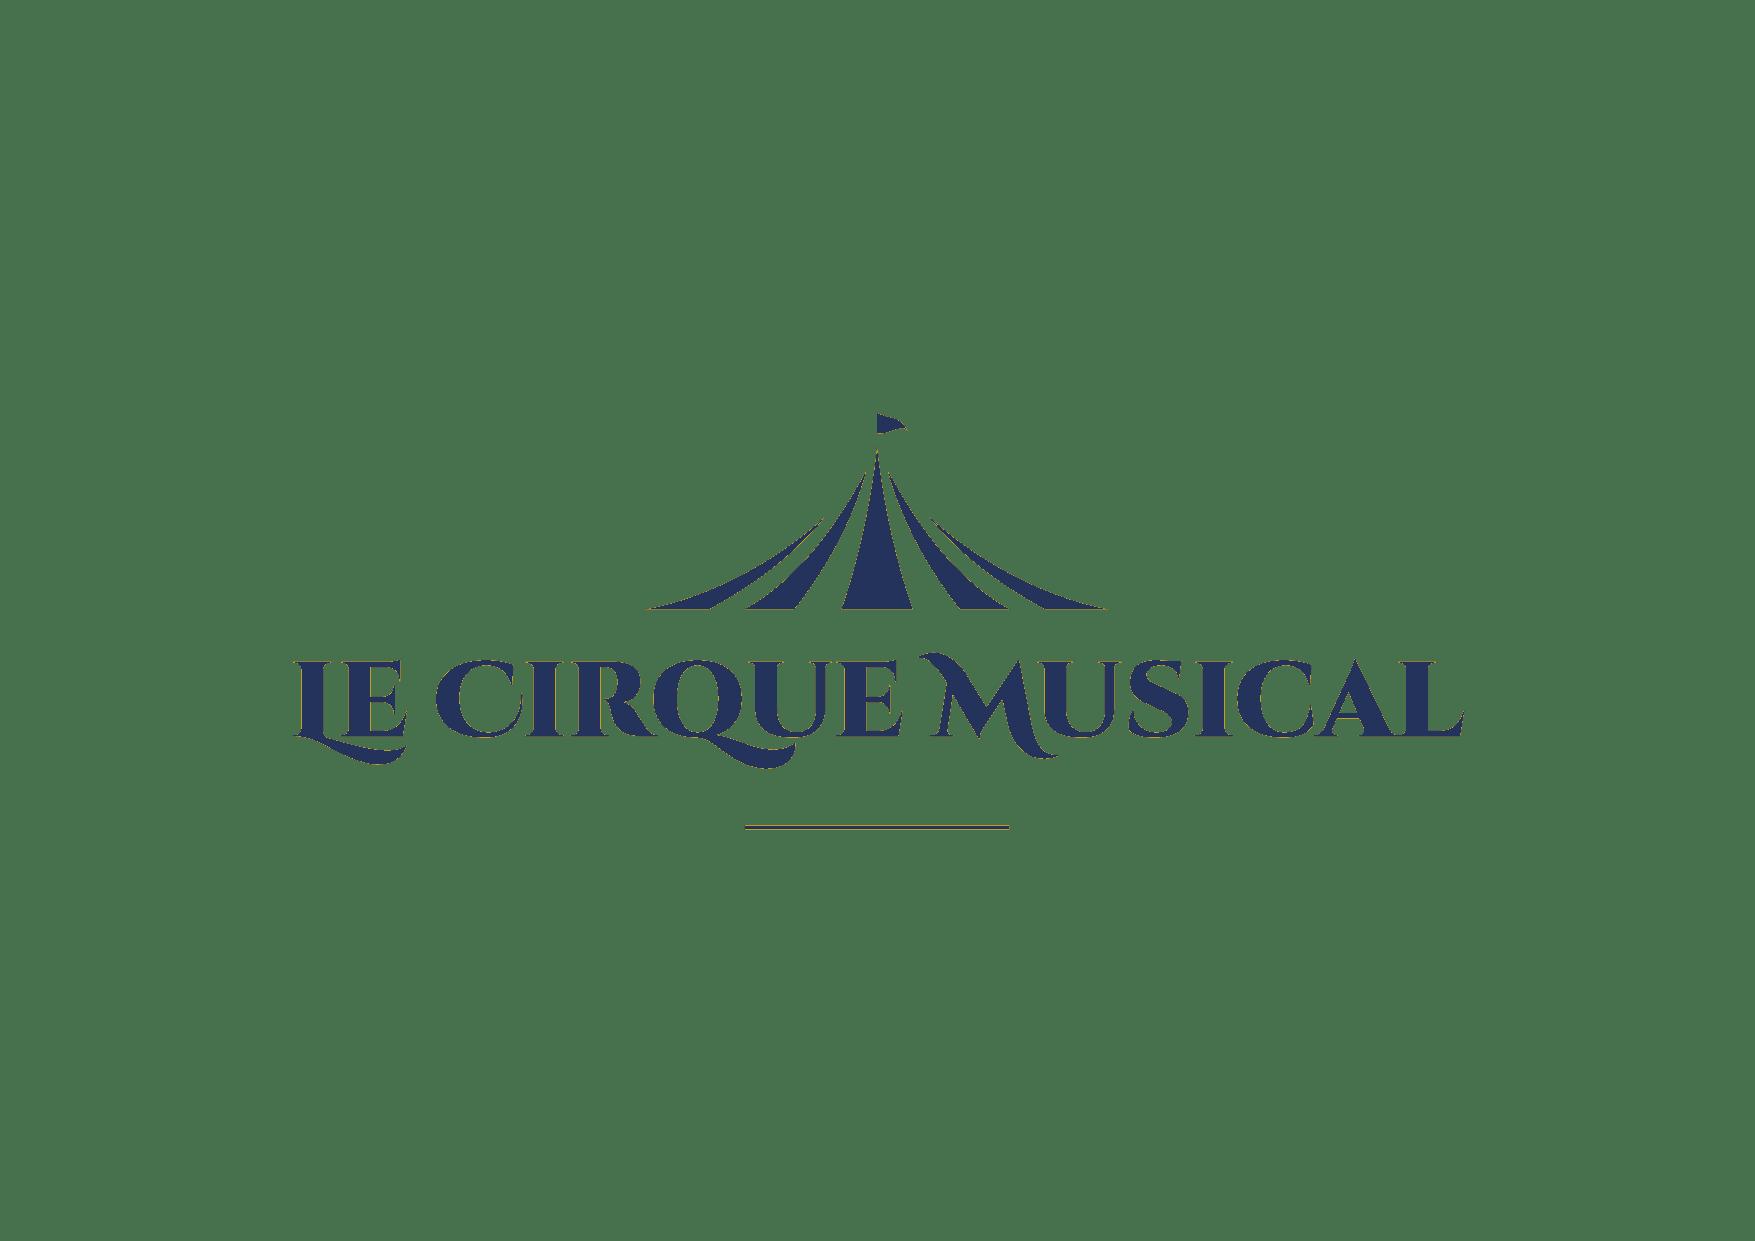 Le Cirque Musical